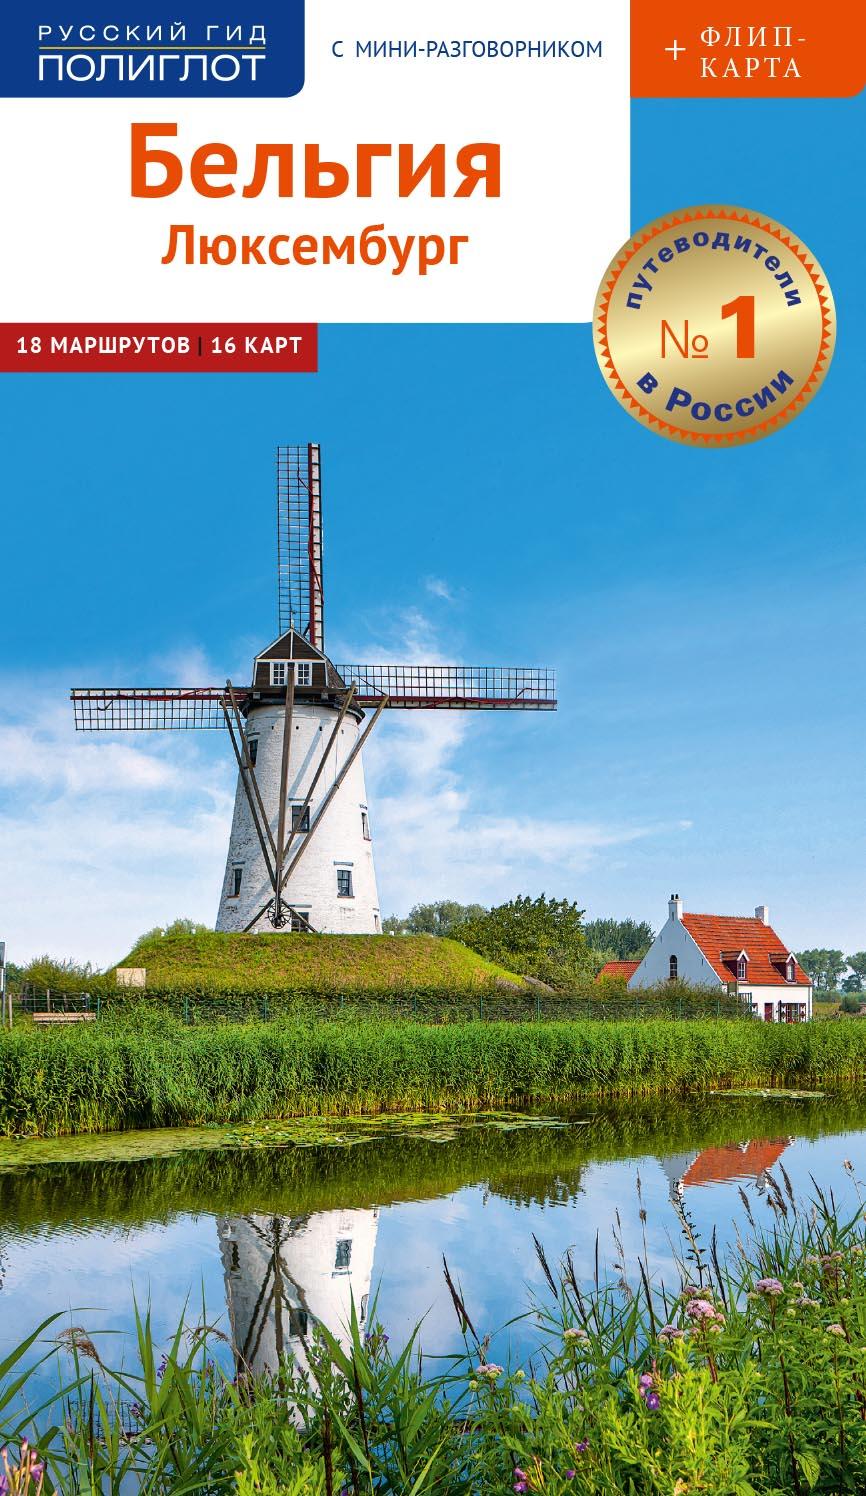 Бельгия. Люксембург: Путеводитель с мини-разговорником: 18 маршр., 16 карт